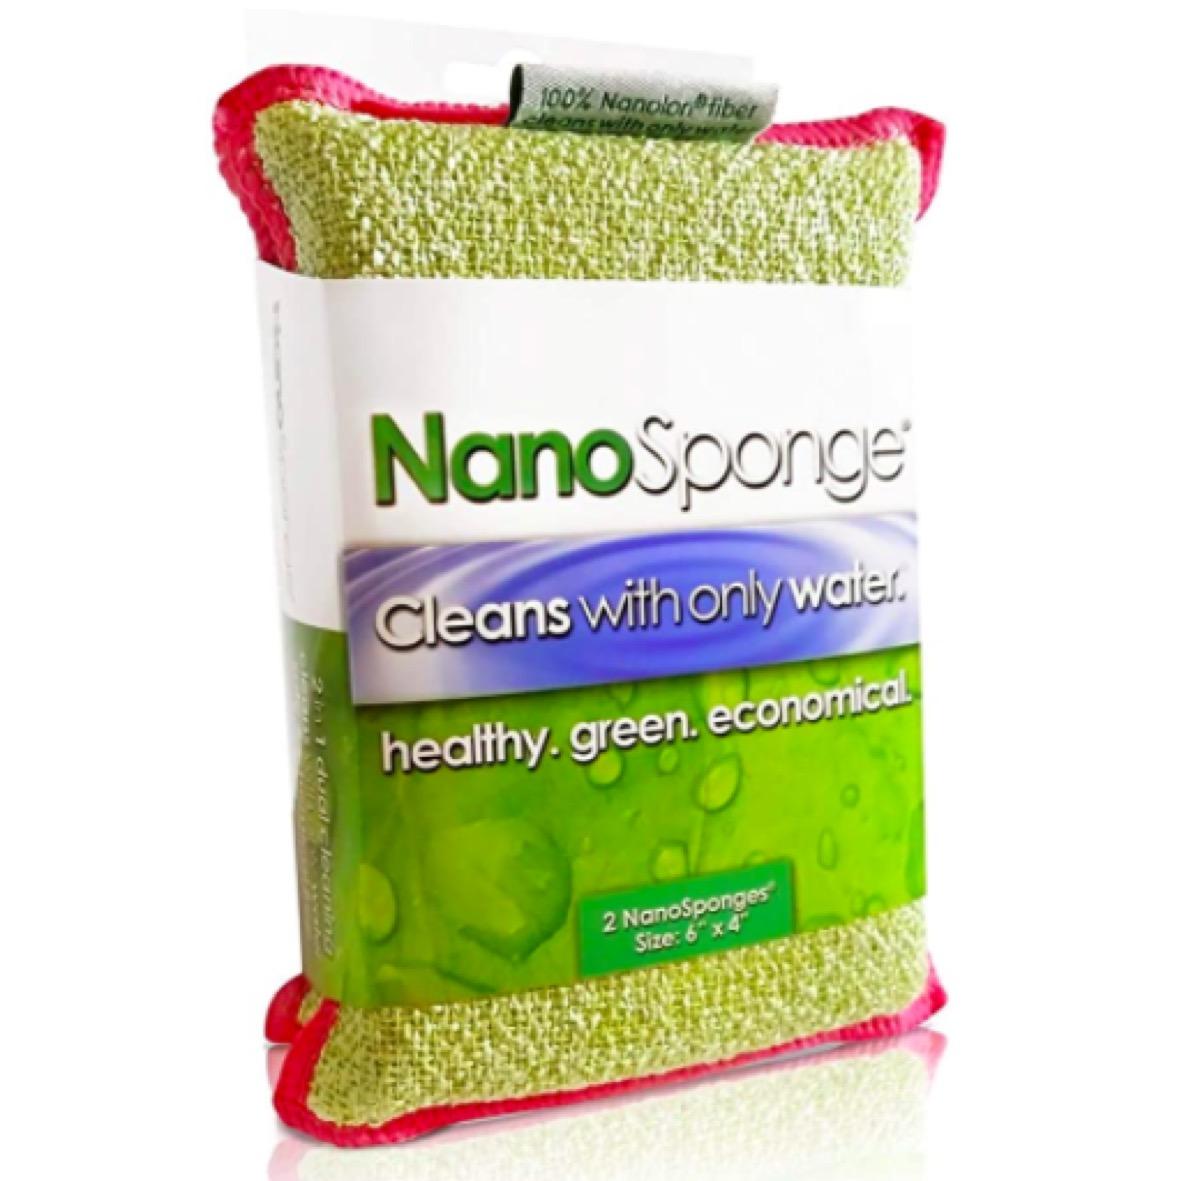 Nano sponges